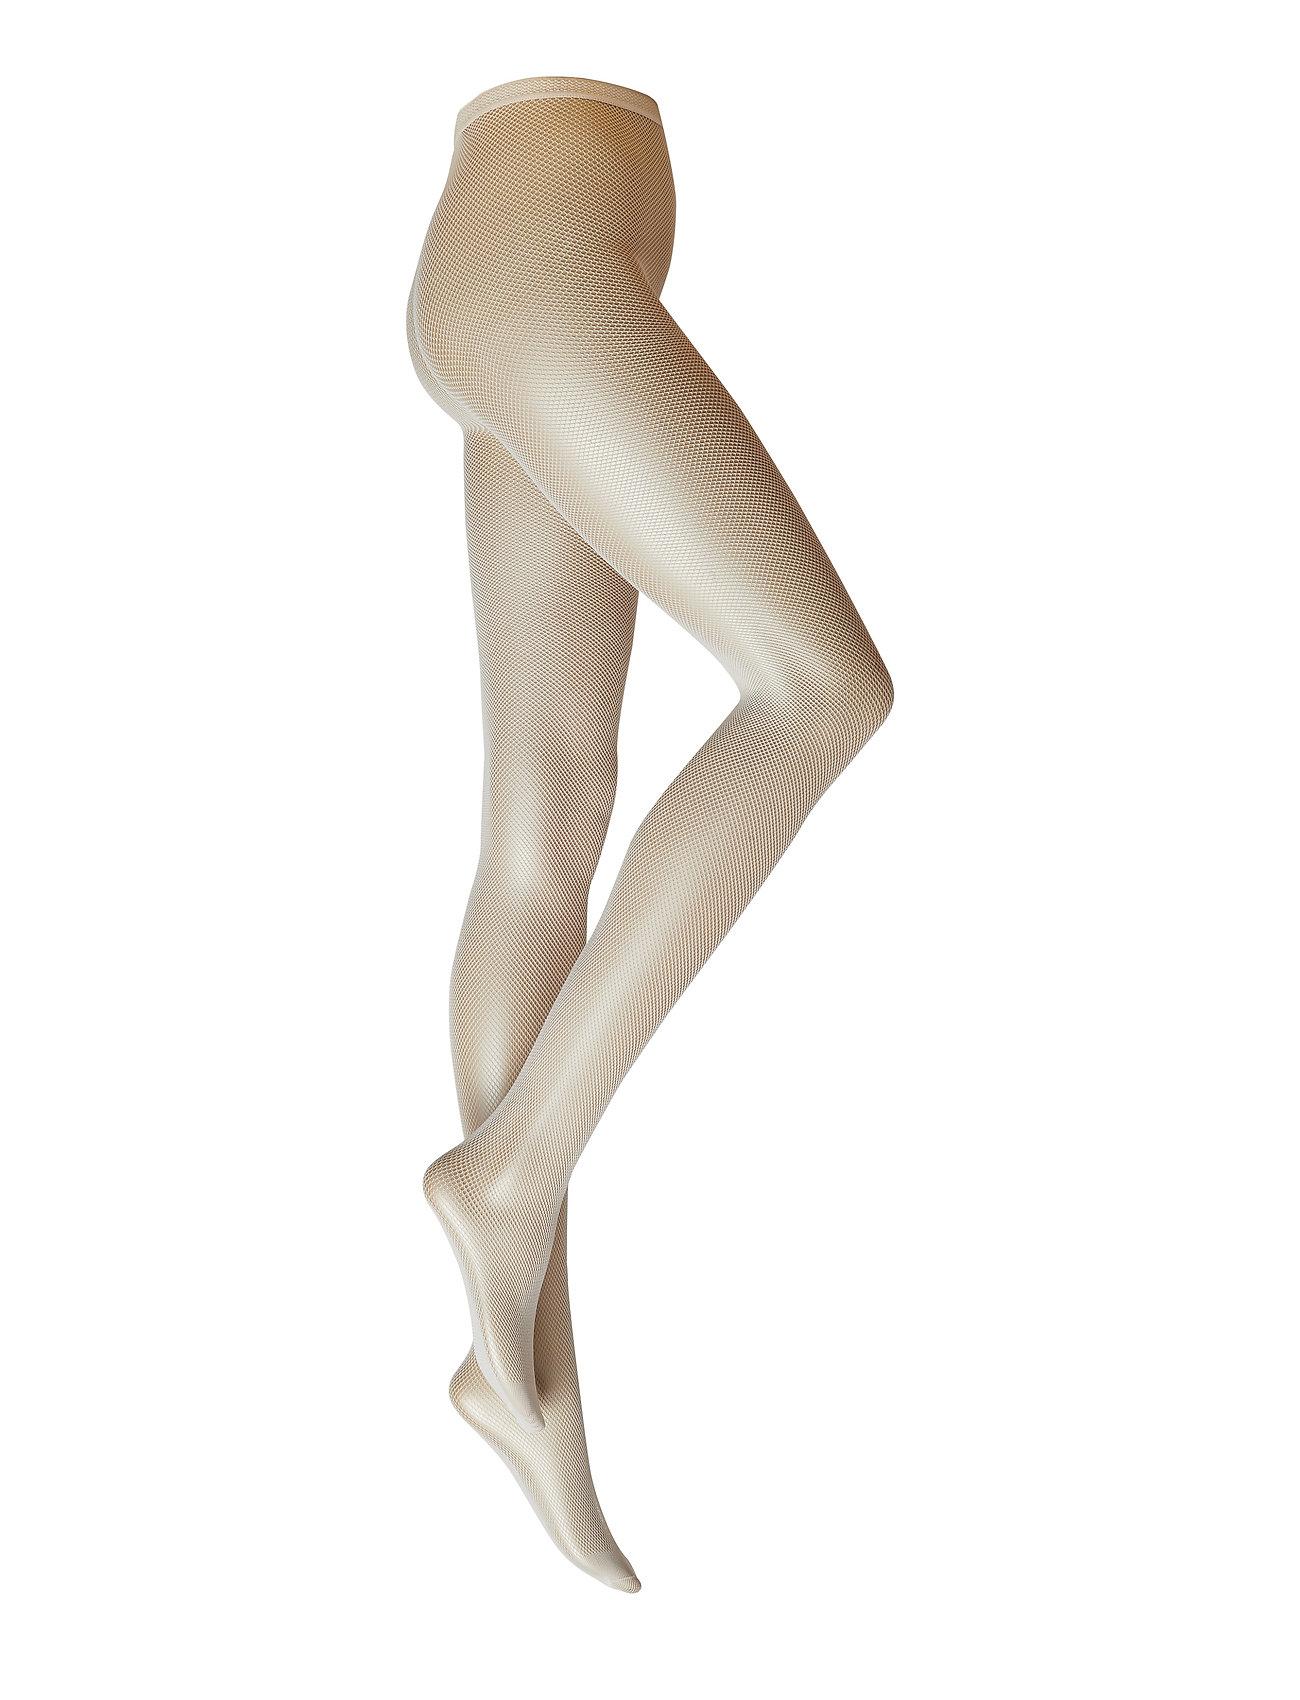 Net Elvira Elvira Net Stockings TightsivorySwedish TightsivorySwedish PkiulwZTOX